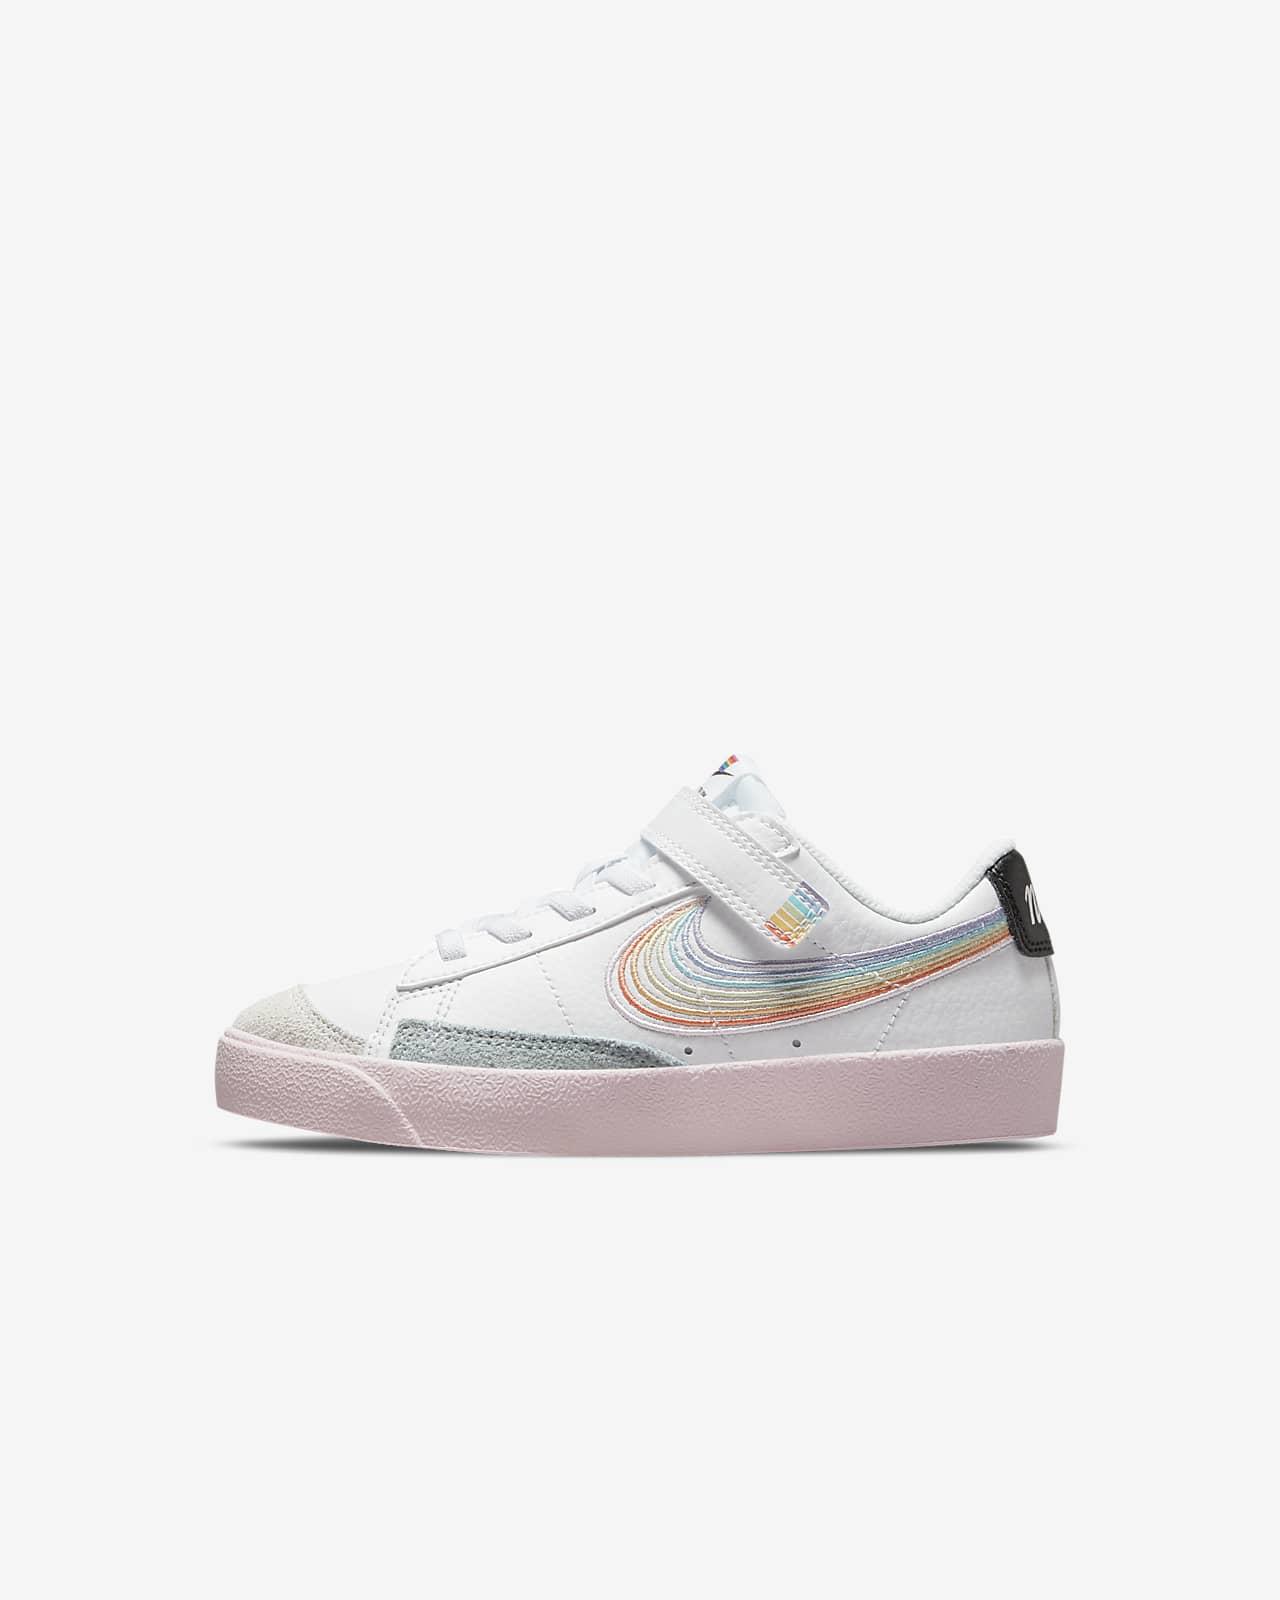 Nike Blazer Low '77 Be True Schuh für jüngere Kinder